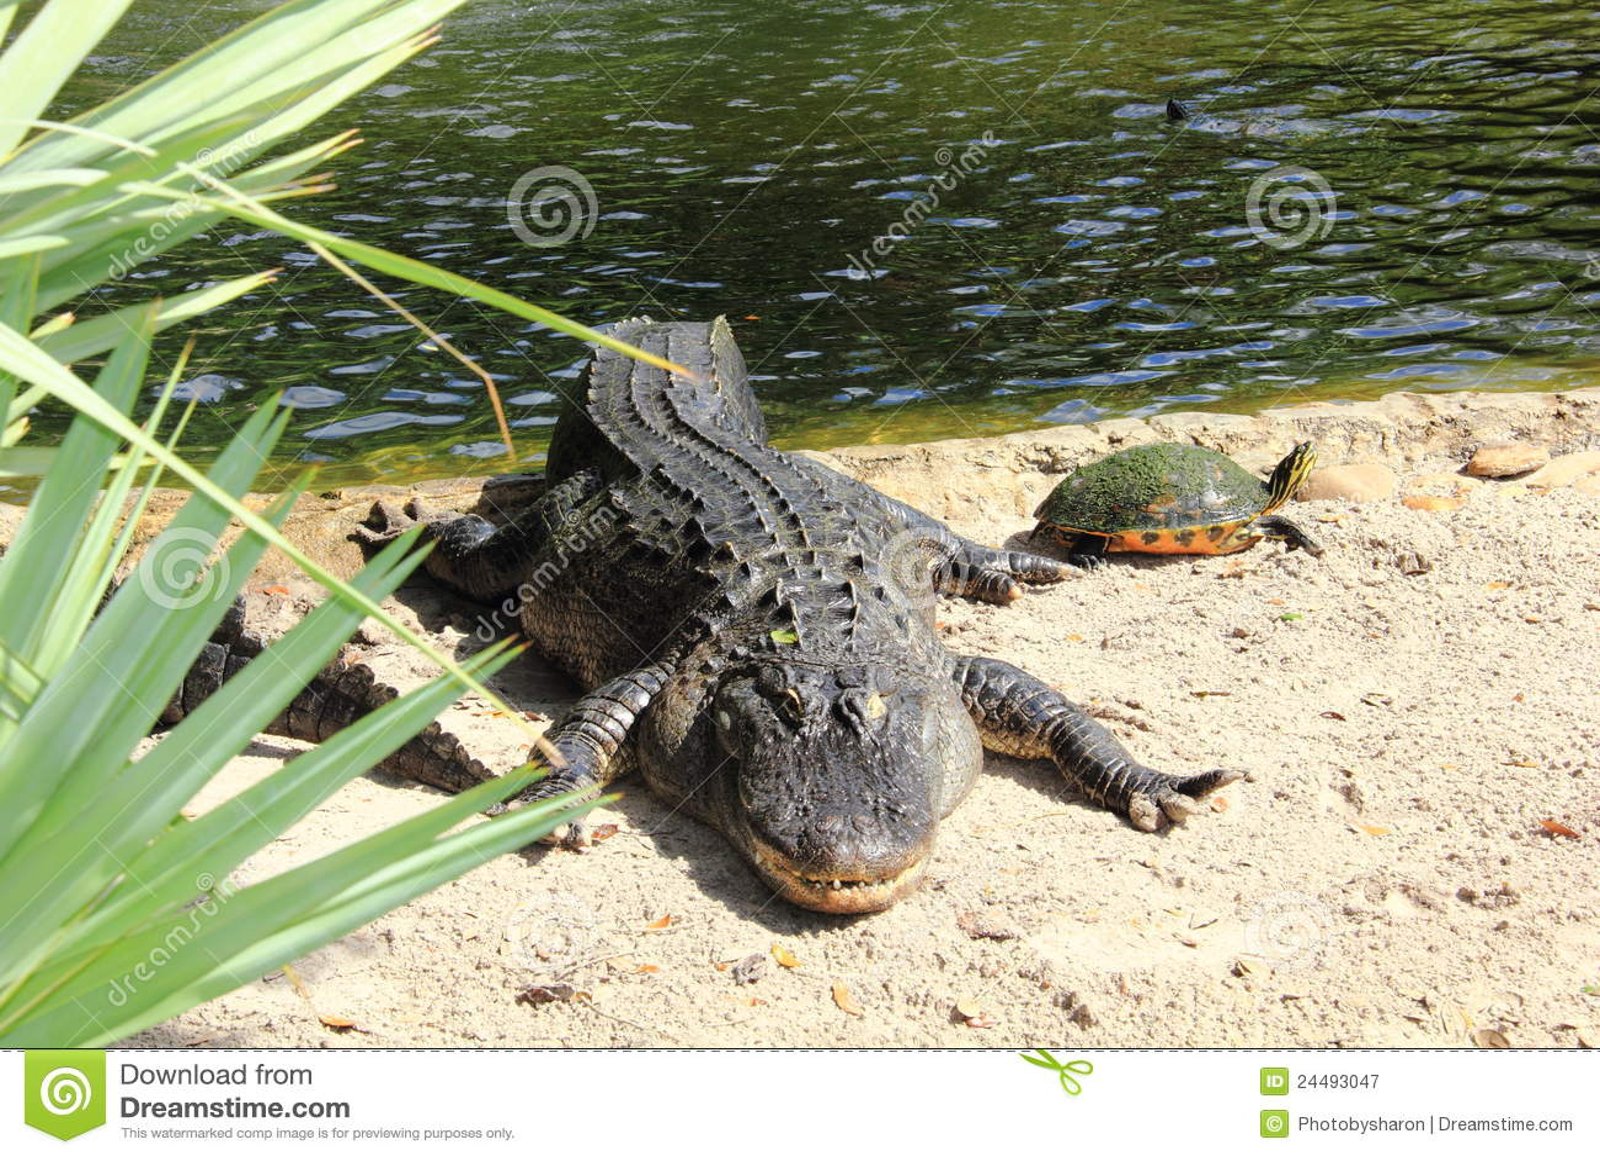 Coccodrillo americano con una tartaruga d 39 acqua dolce for Tartaruga acqua dolce razze